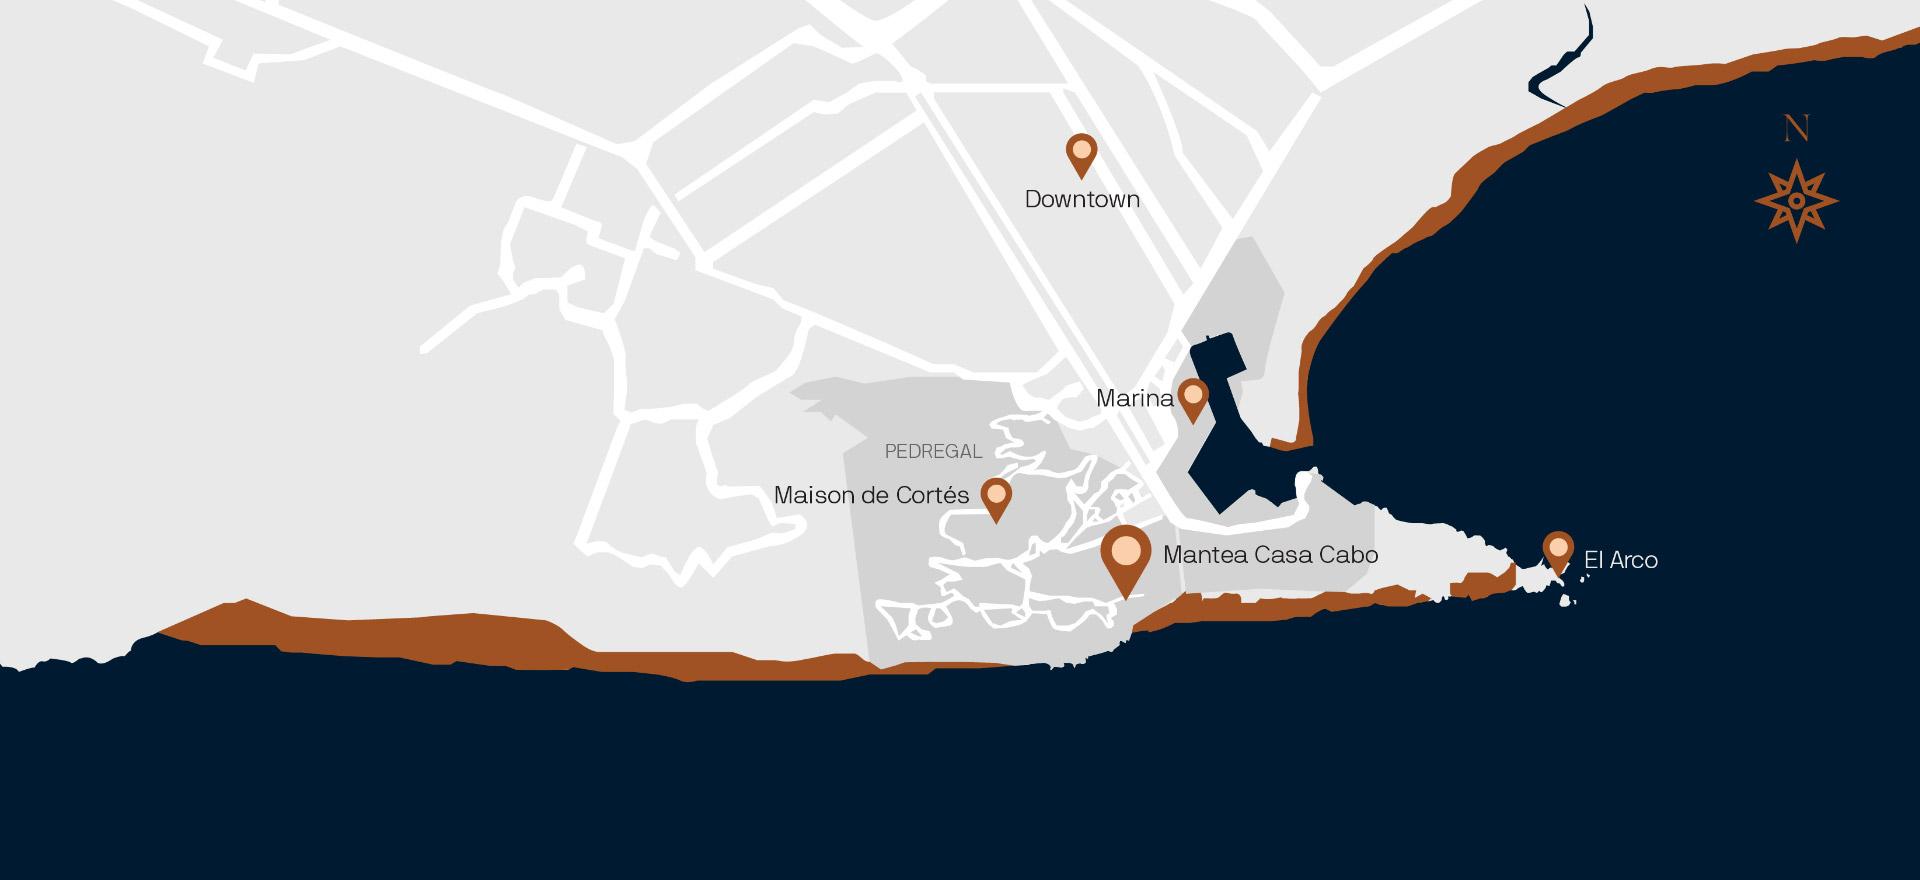 Maison de Cortes- Los Cabos, Pedregal Luxury Villa